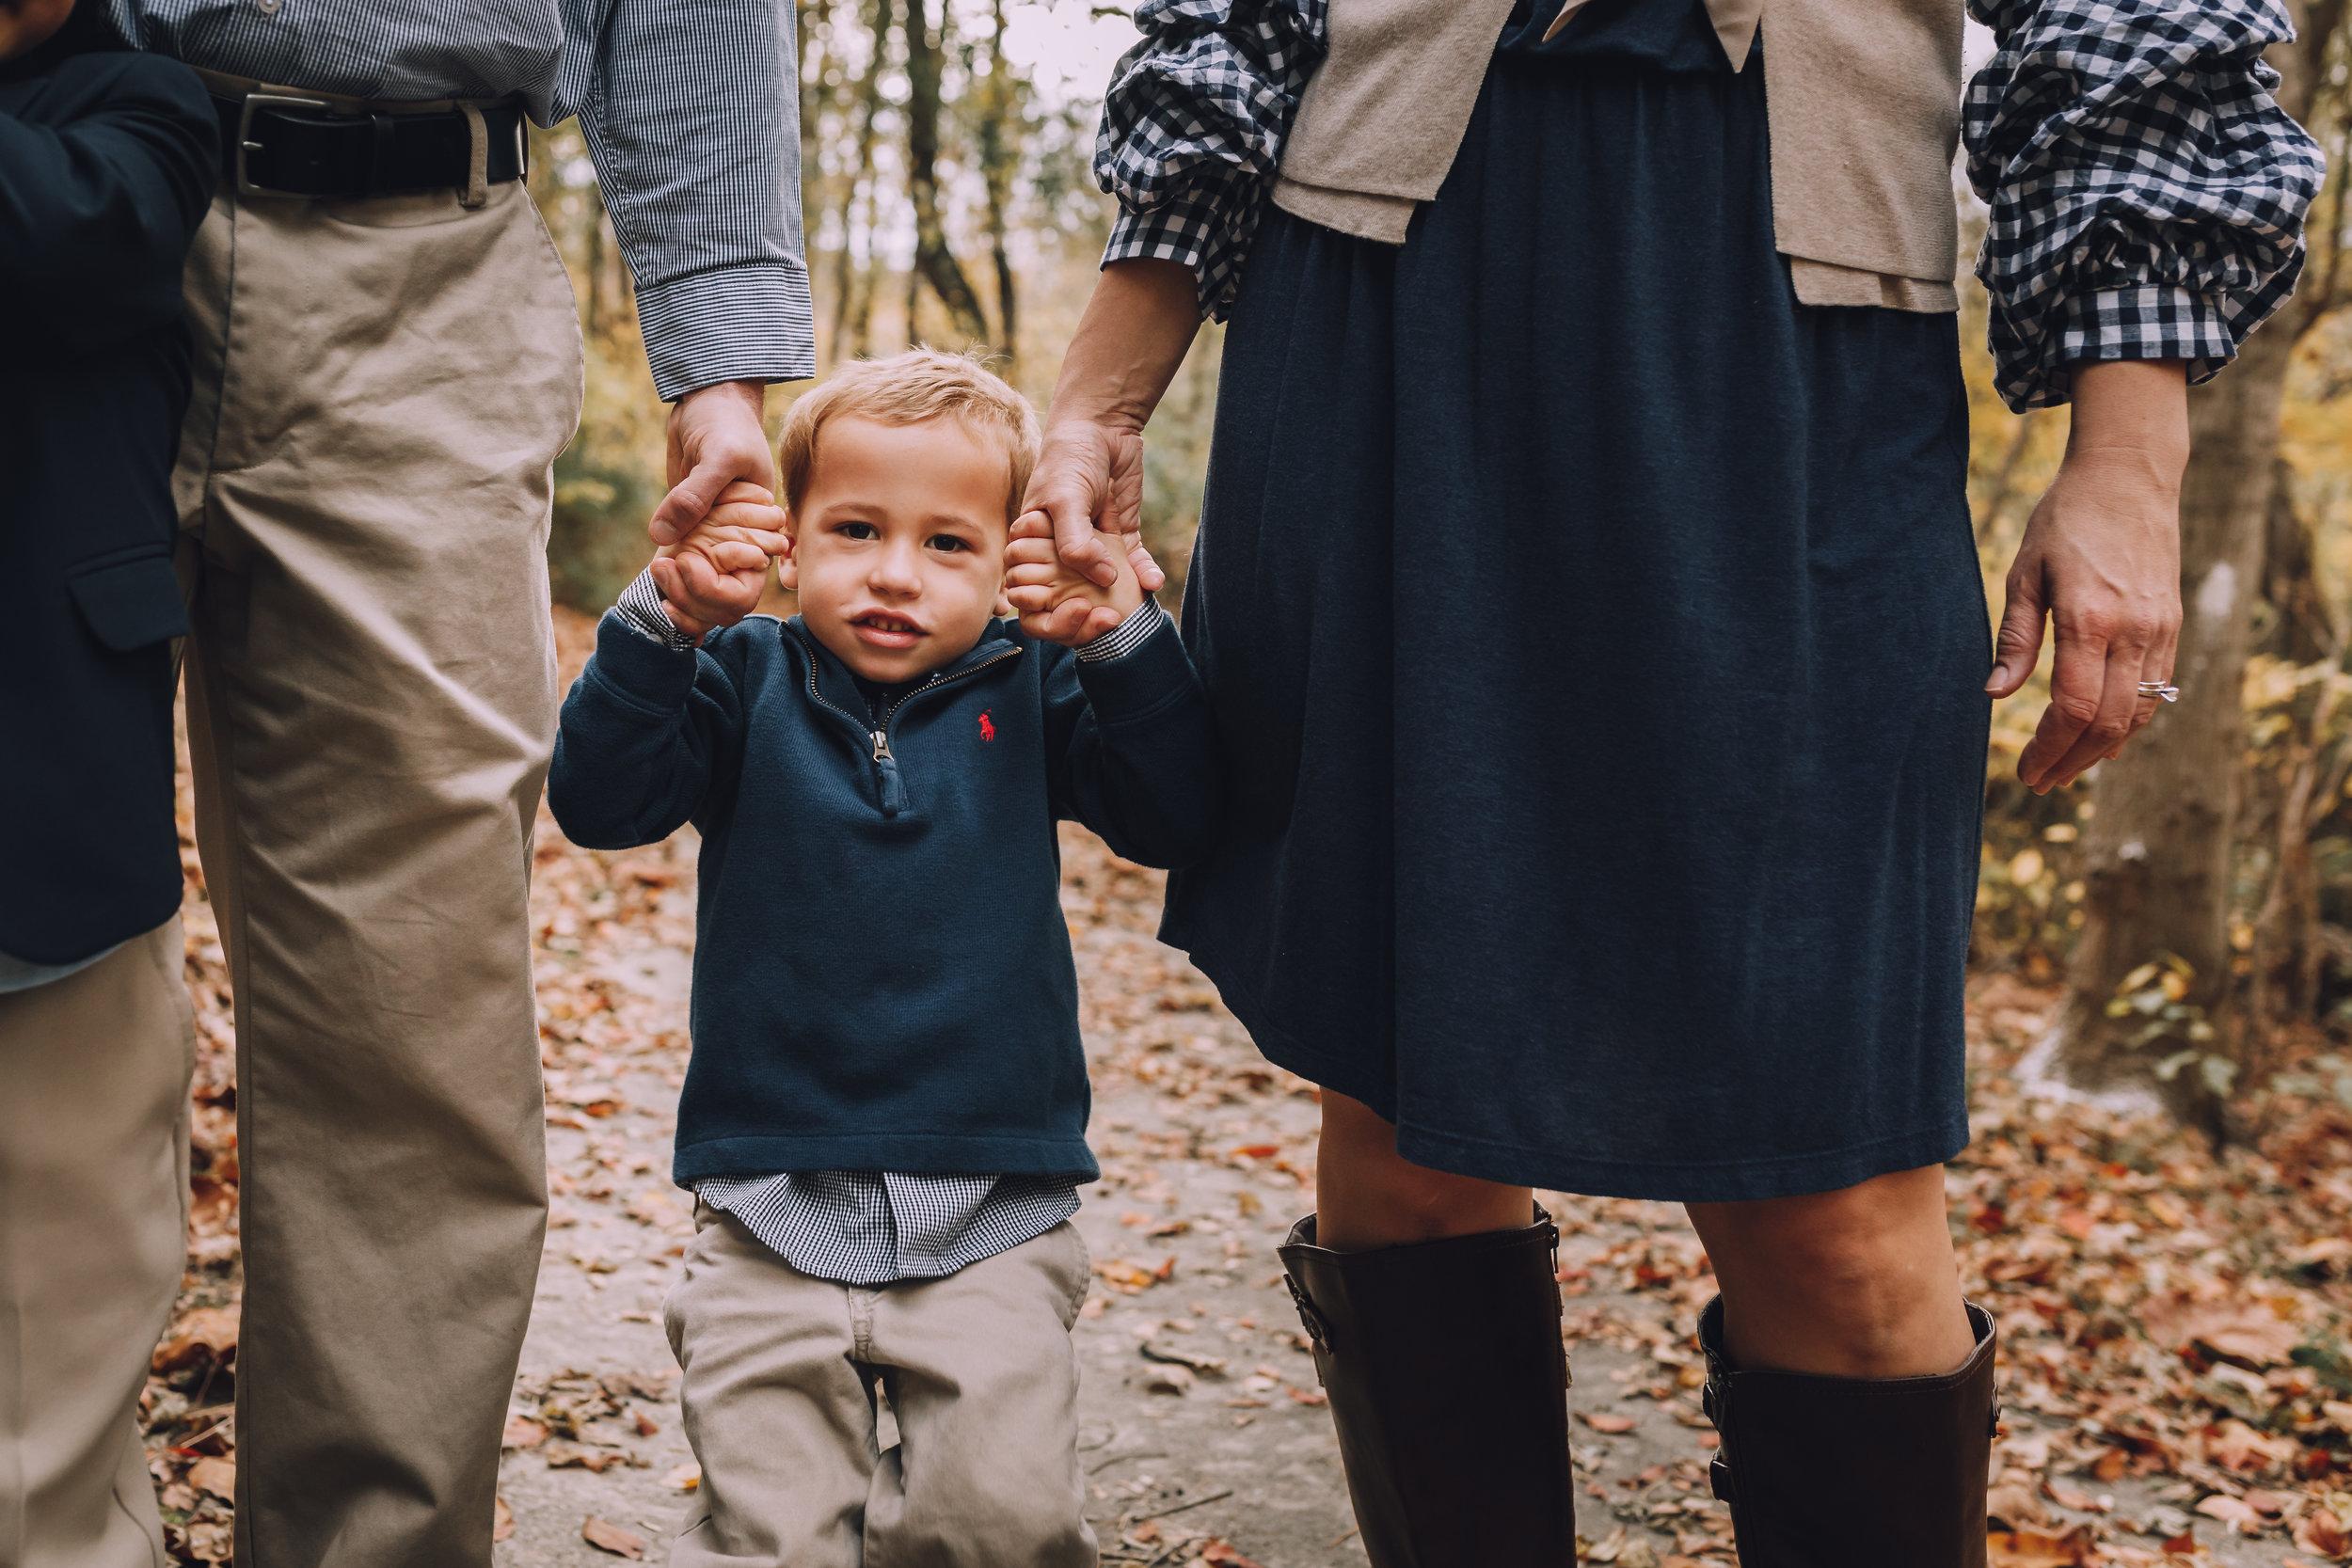 Family_Photographer_Rockville_Maryland05.jpg